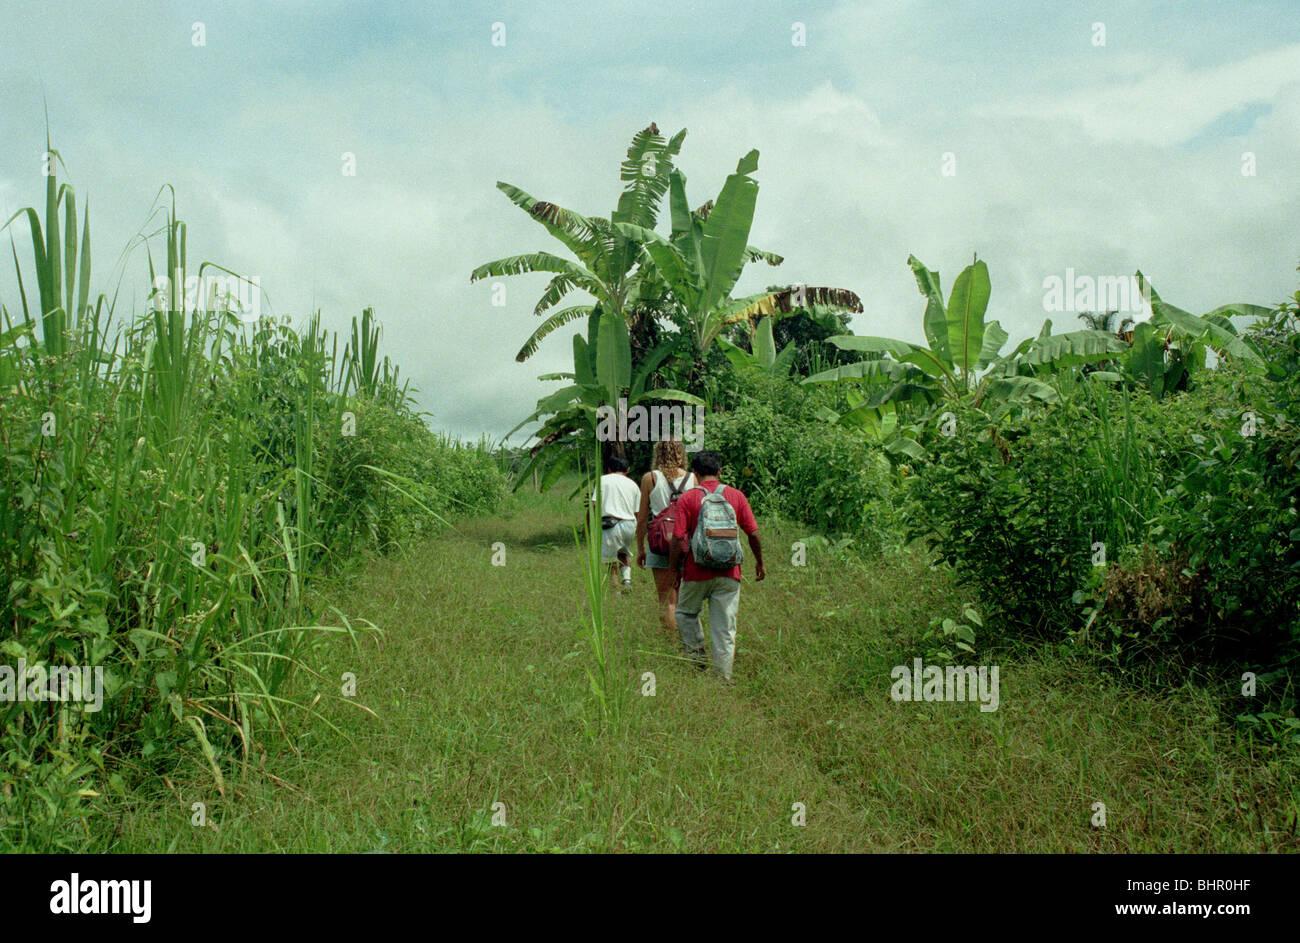 tourist walking through the Peruvian Amazon - Stock Image